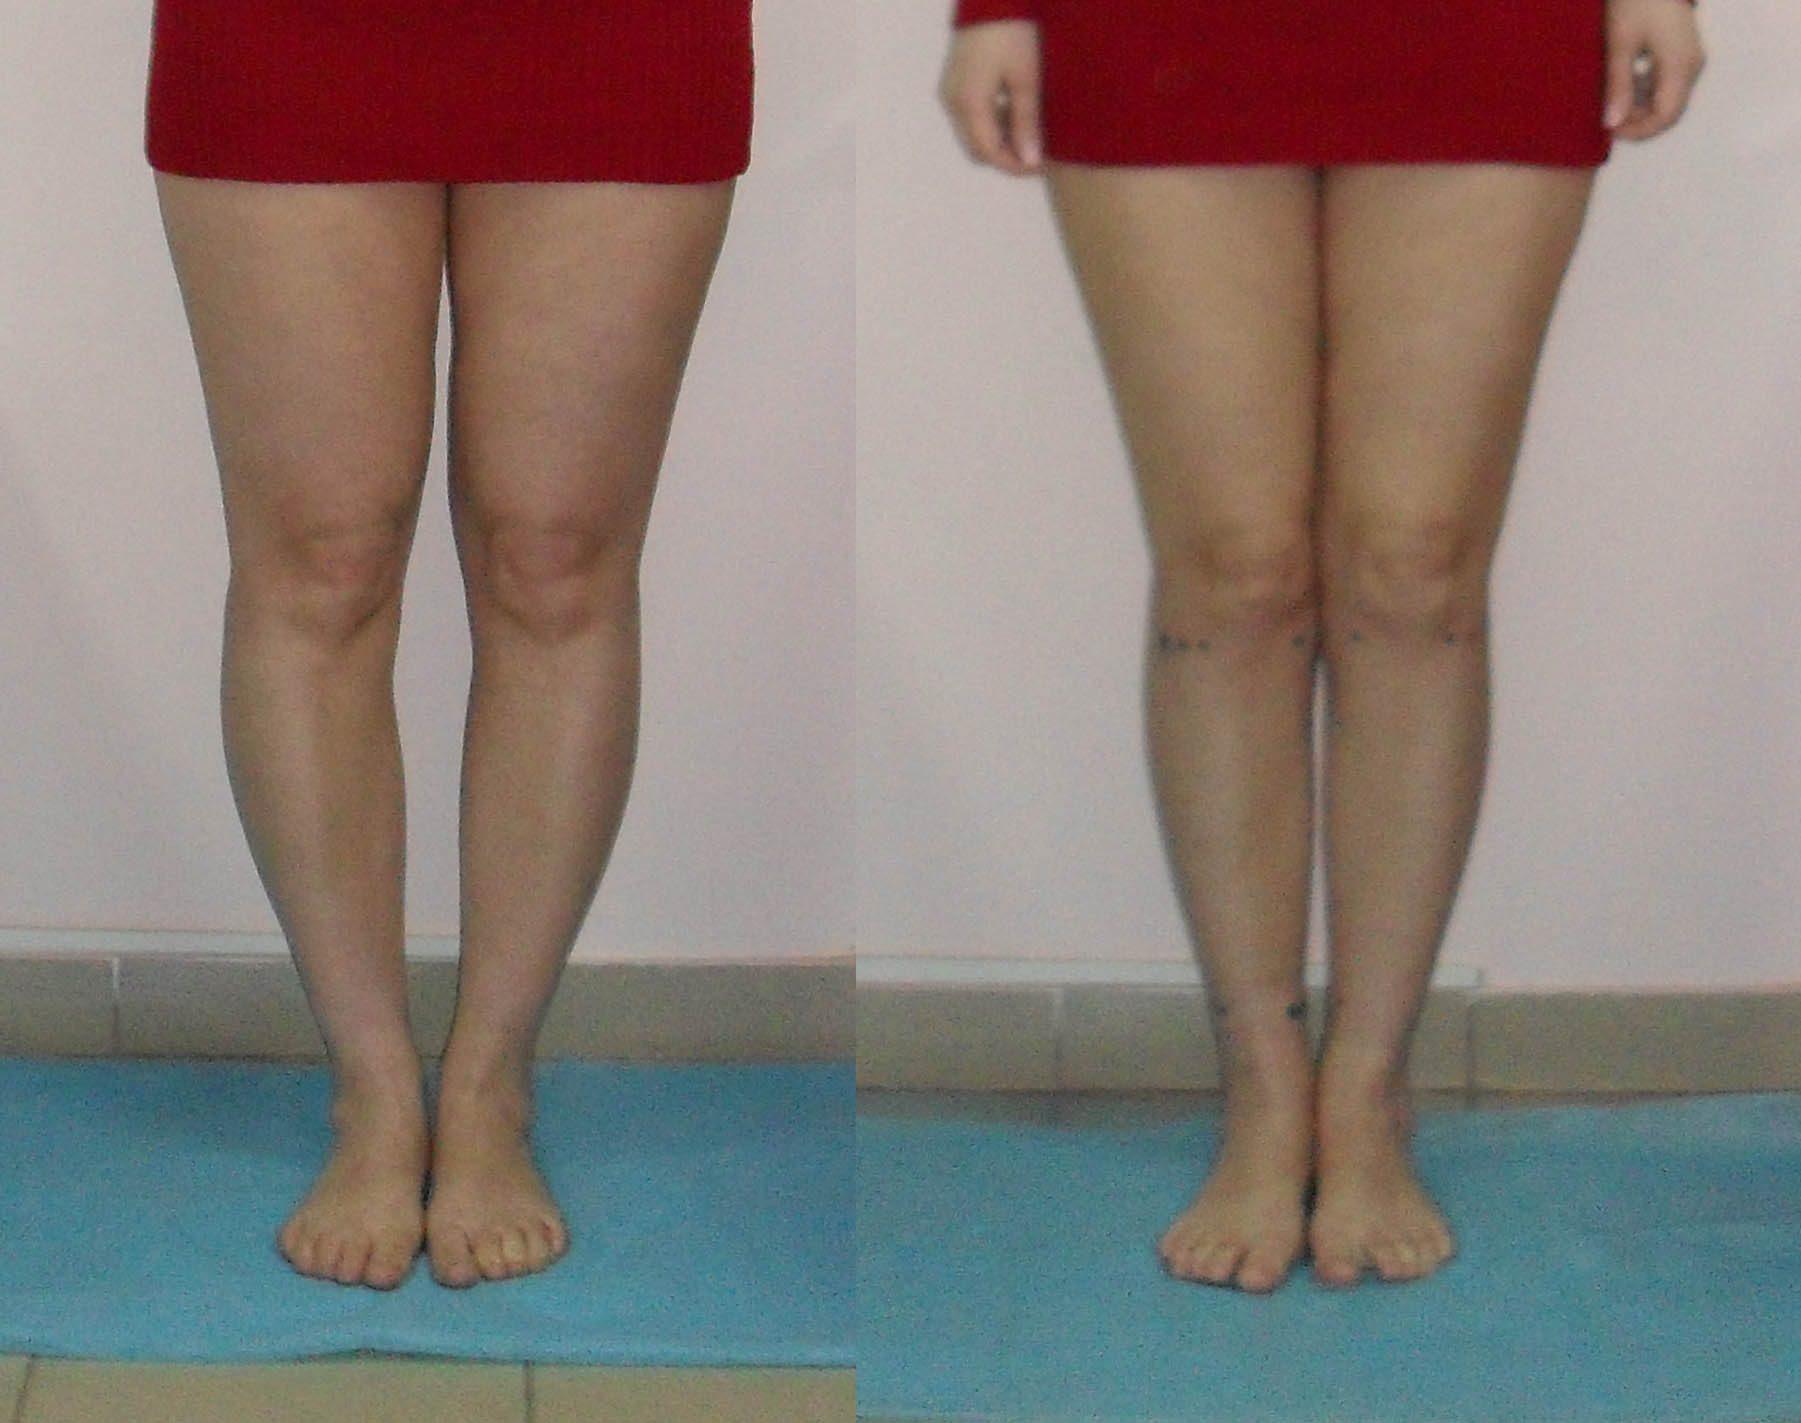 Исправить кривые ноги в домашних условиях